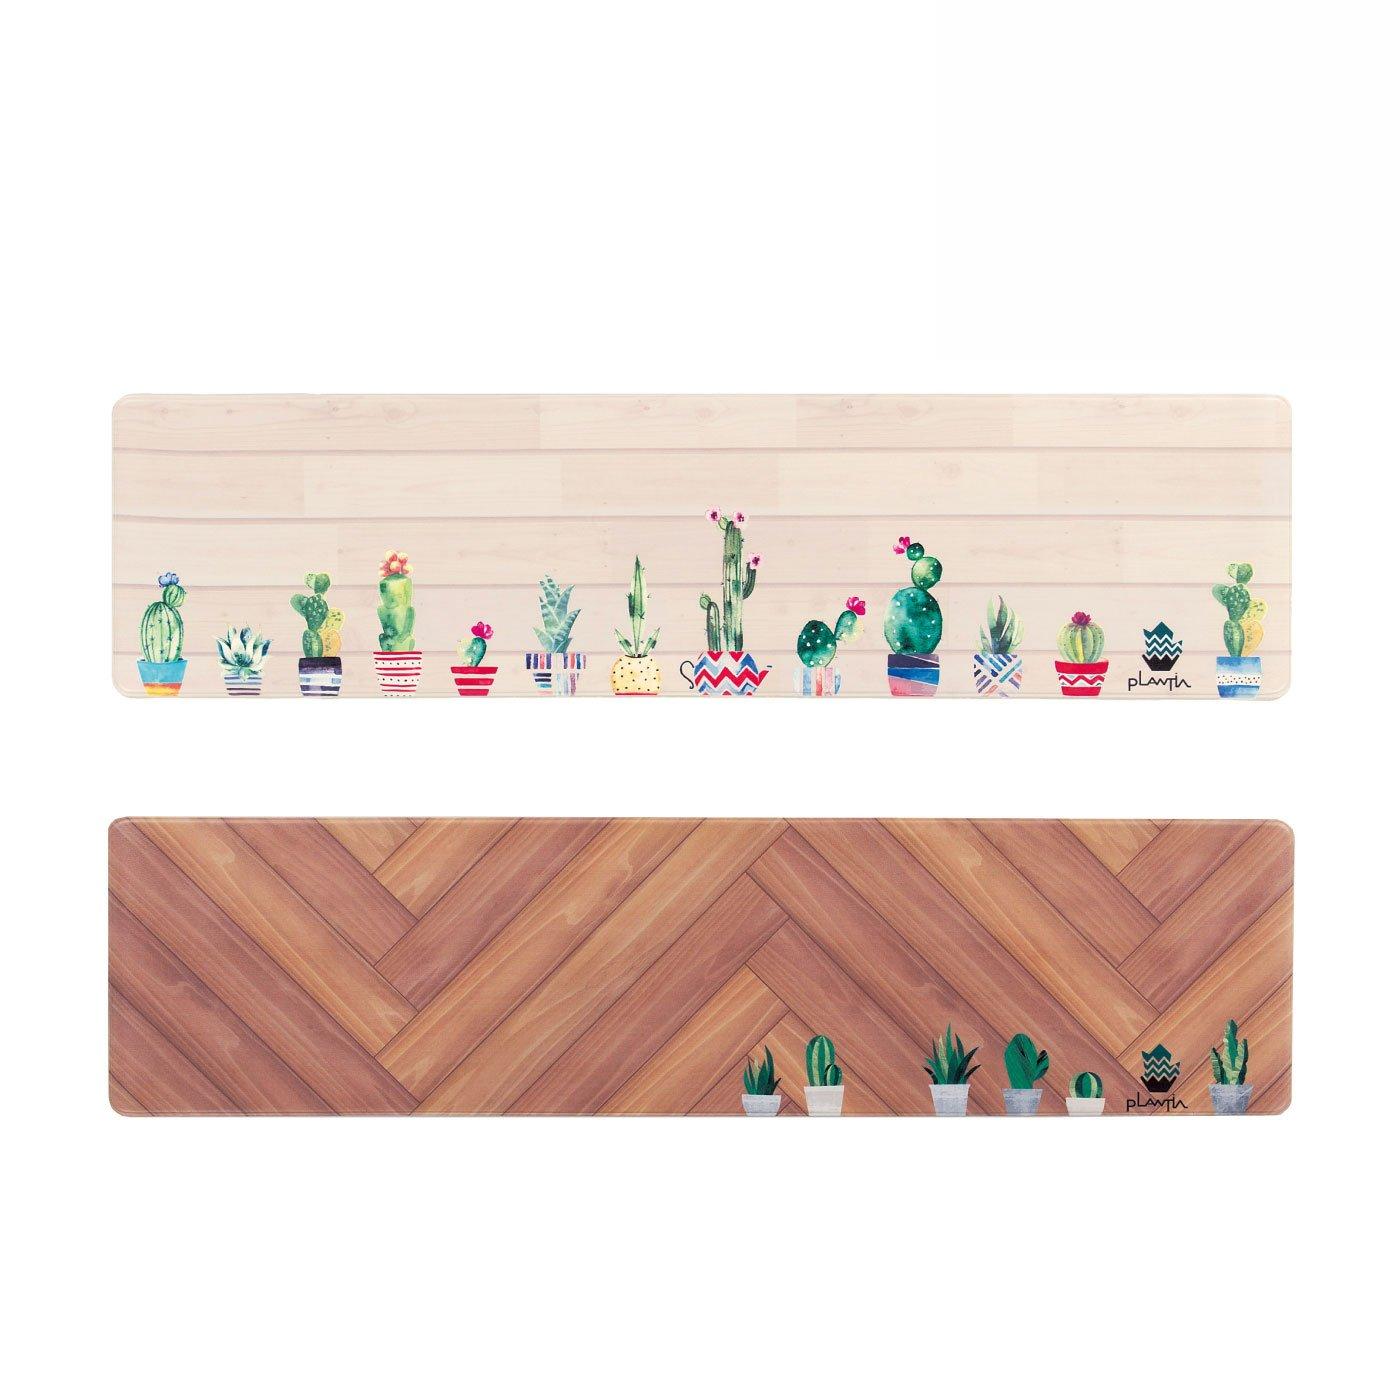 緑を感じるキッチン PLANTIA ロングマット(180cm)